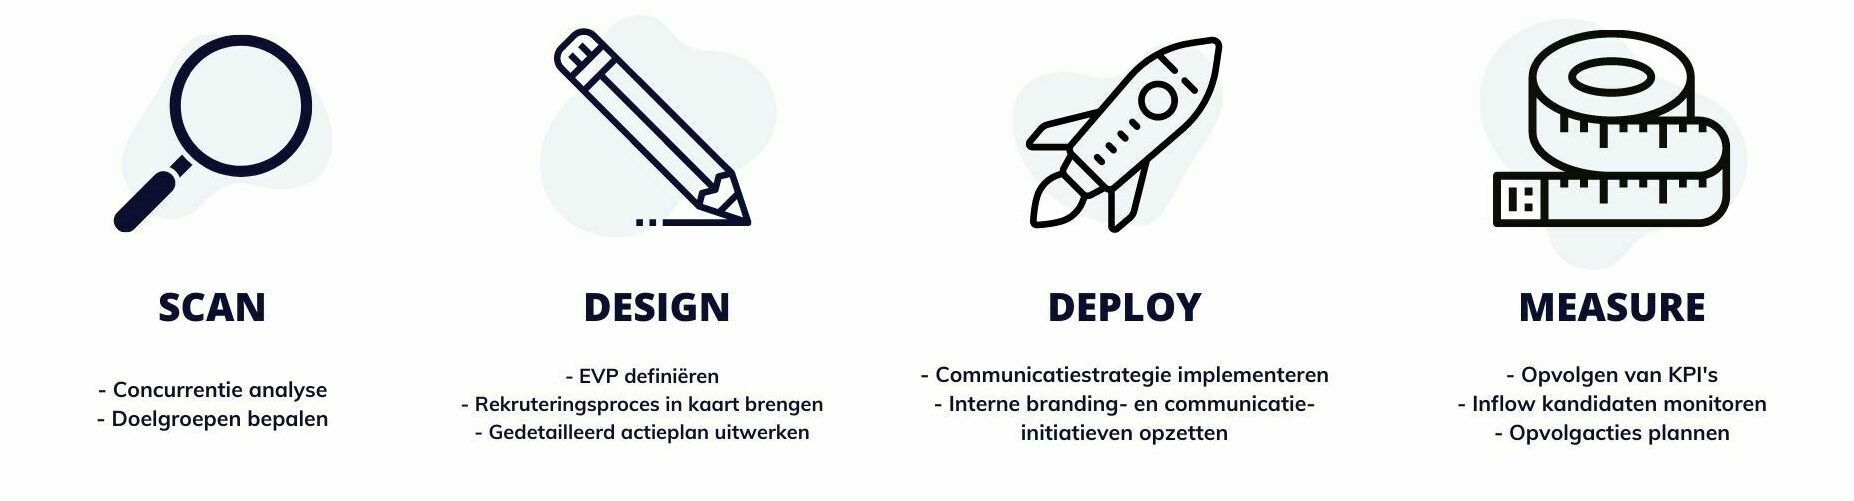 stappenplan employer branding